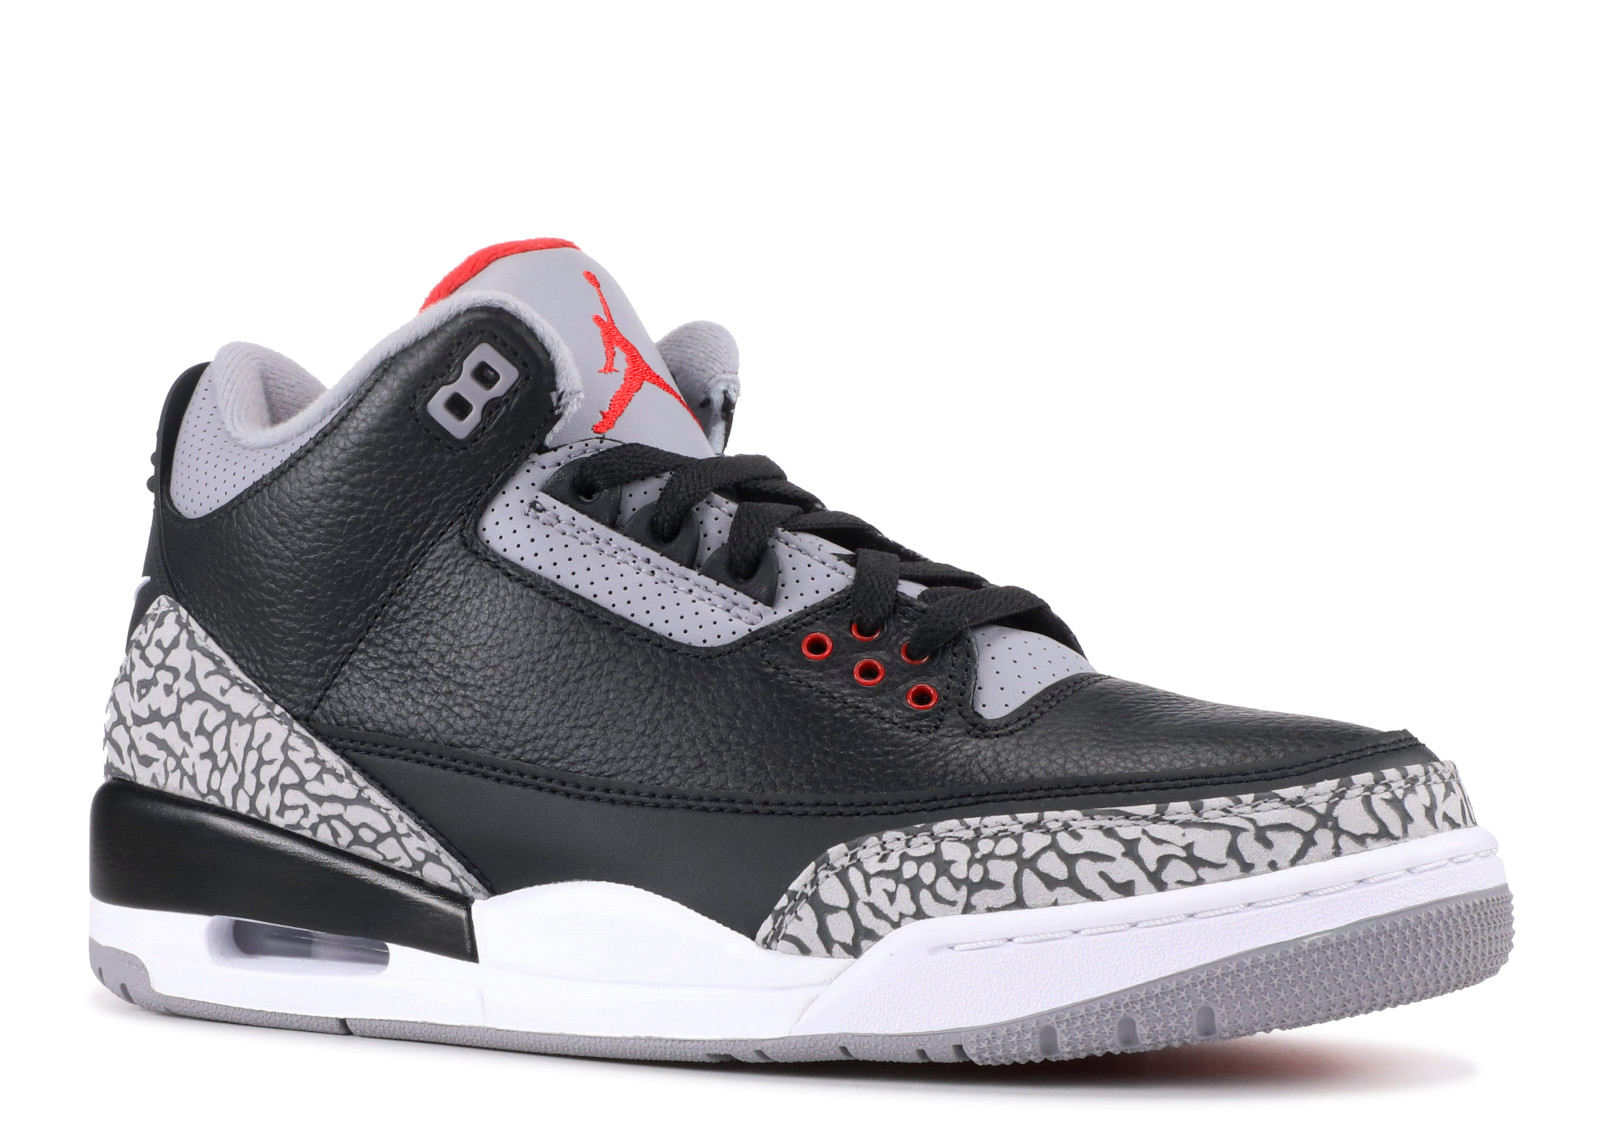 f81ce4a6f7e6 Air Jordan - Men - Air Jordan 3 Og Retro Og  Black Cement 2018  - 854262-001  - Size 16